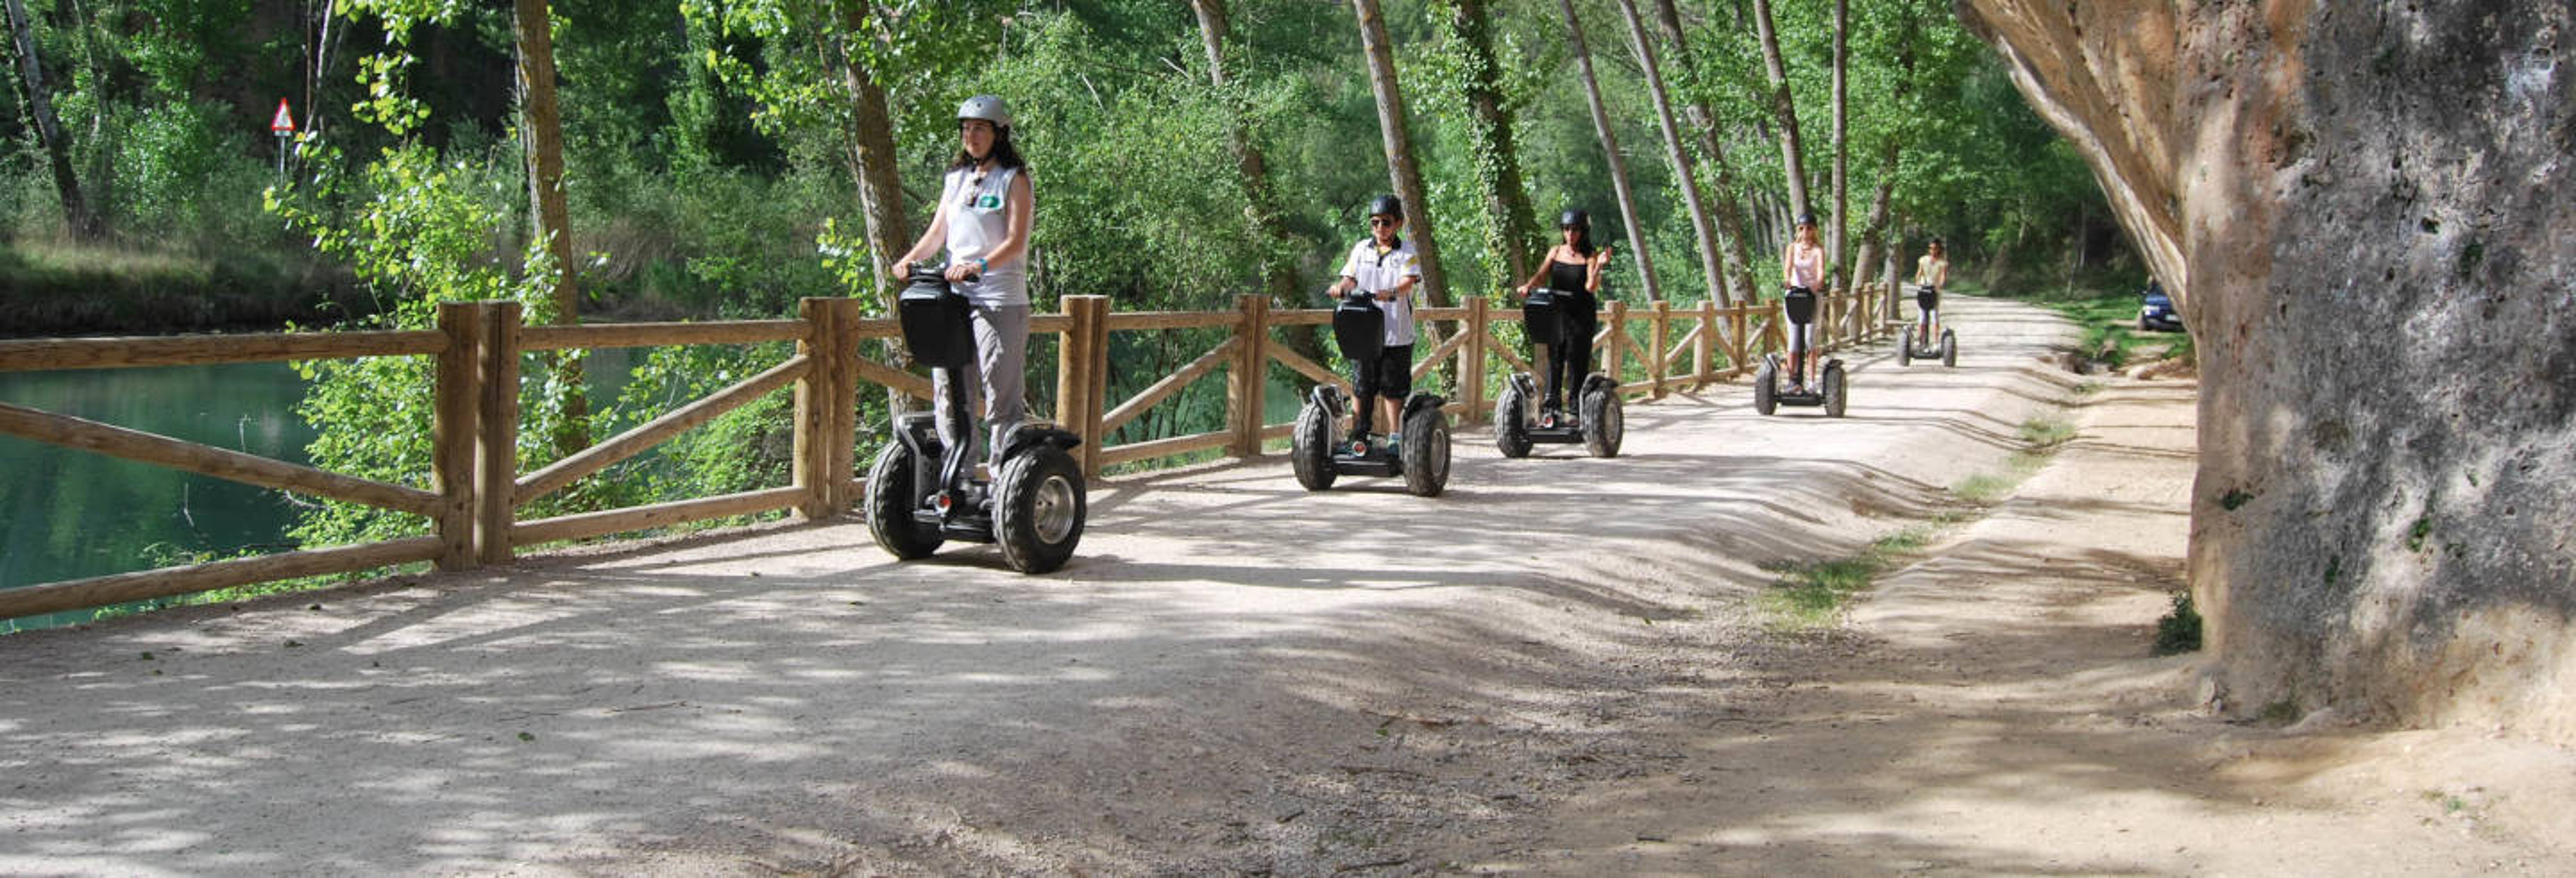 Tour de segway por Cuenca